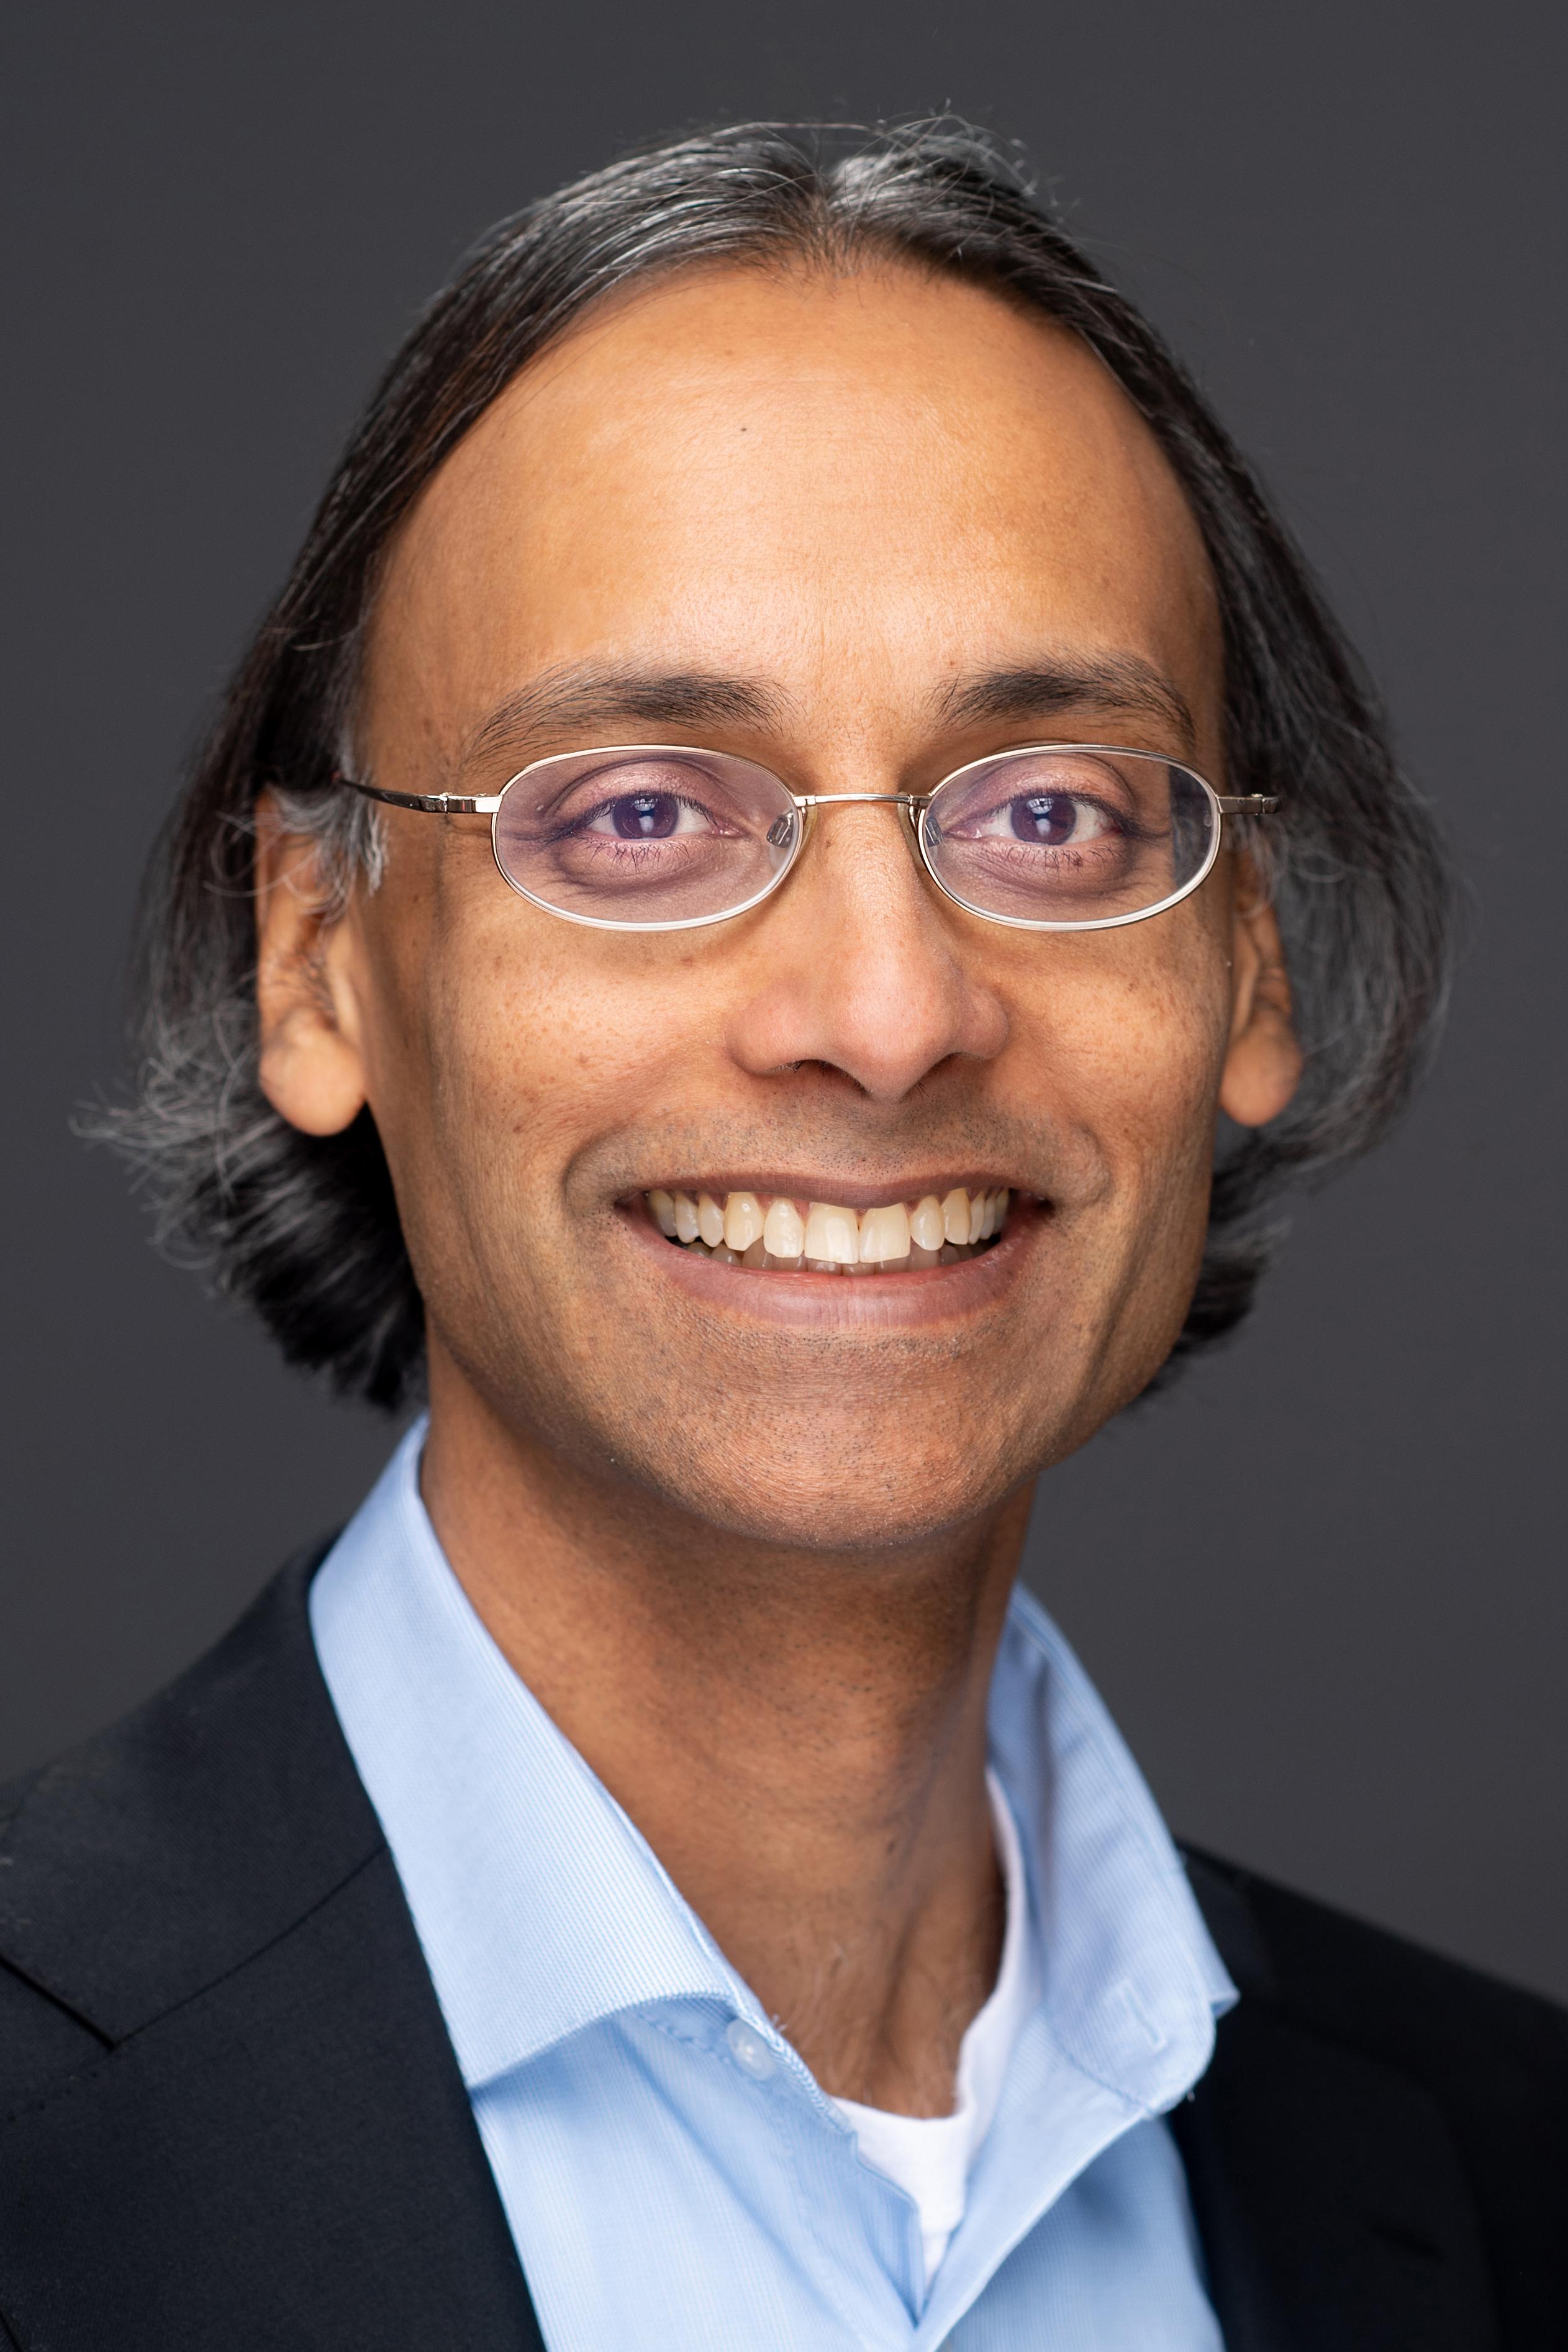 Anant Sahai | EECS at UC Berkeley